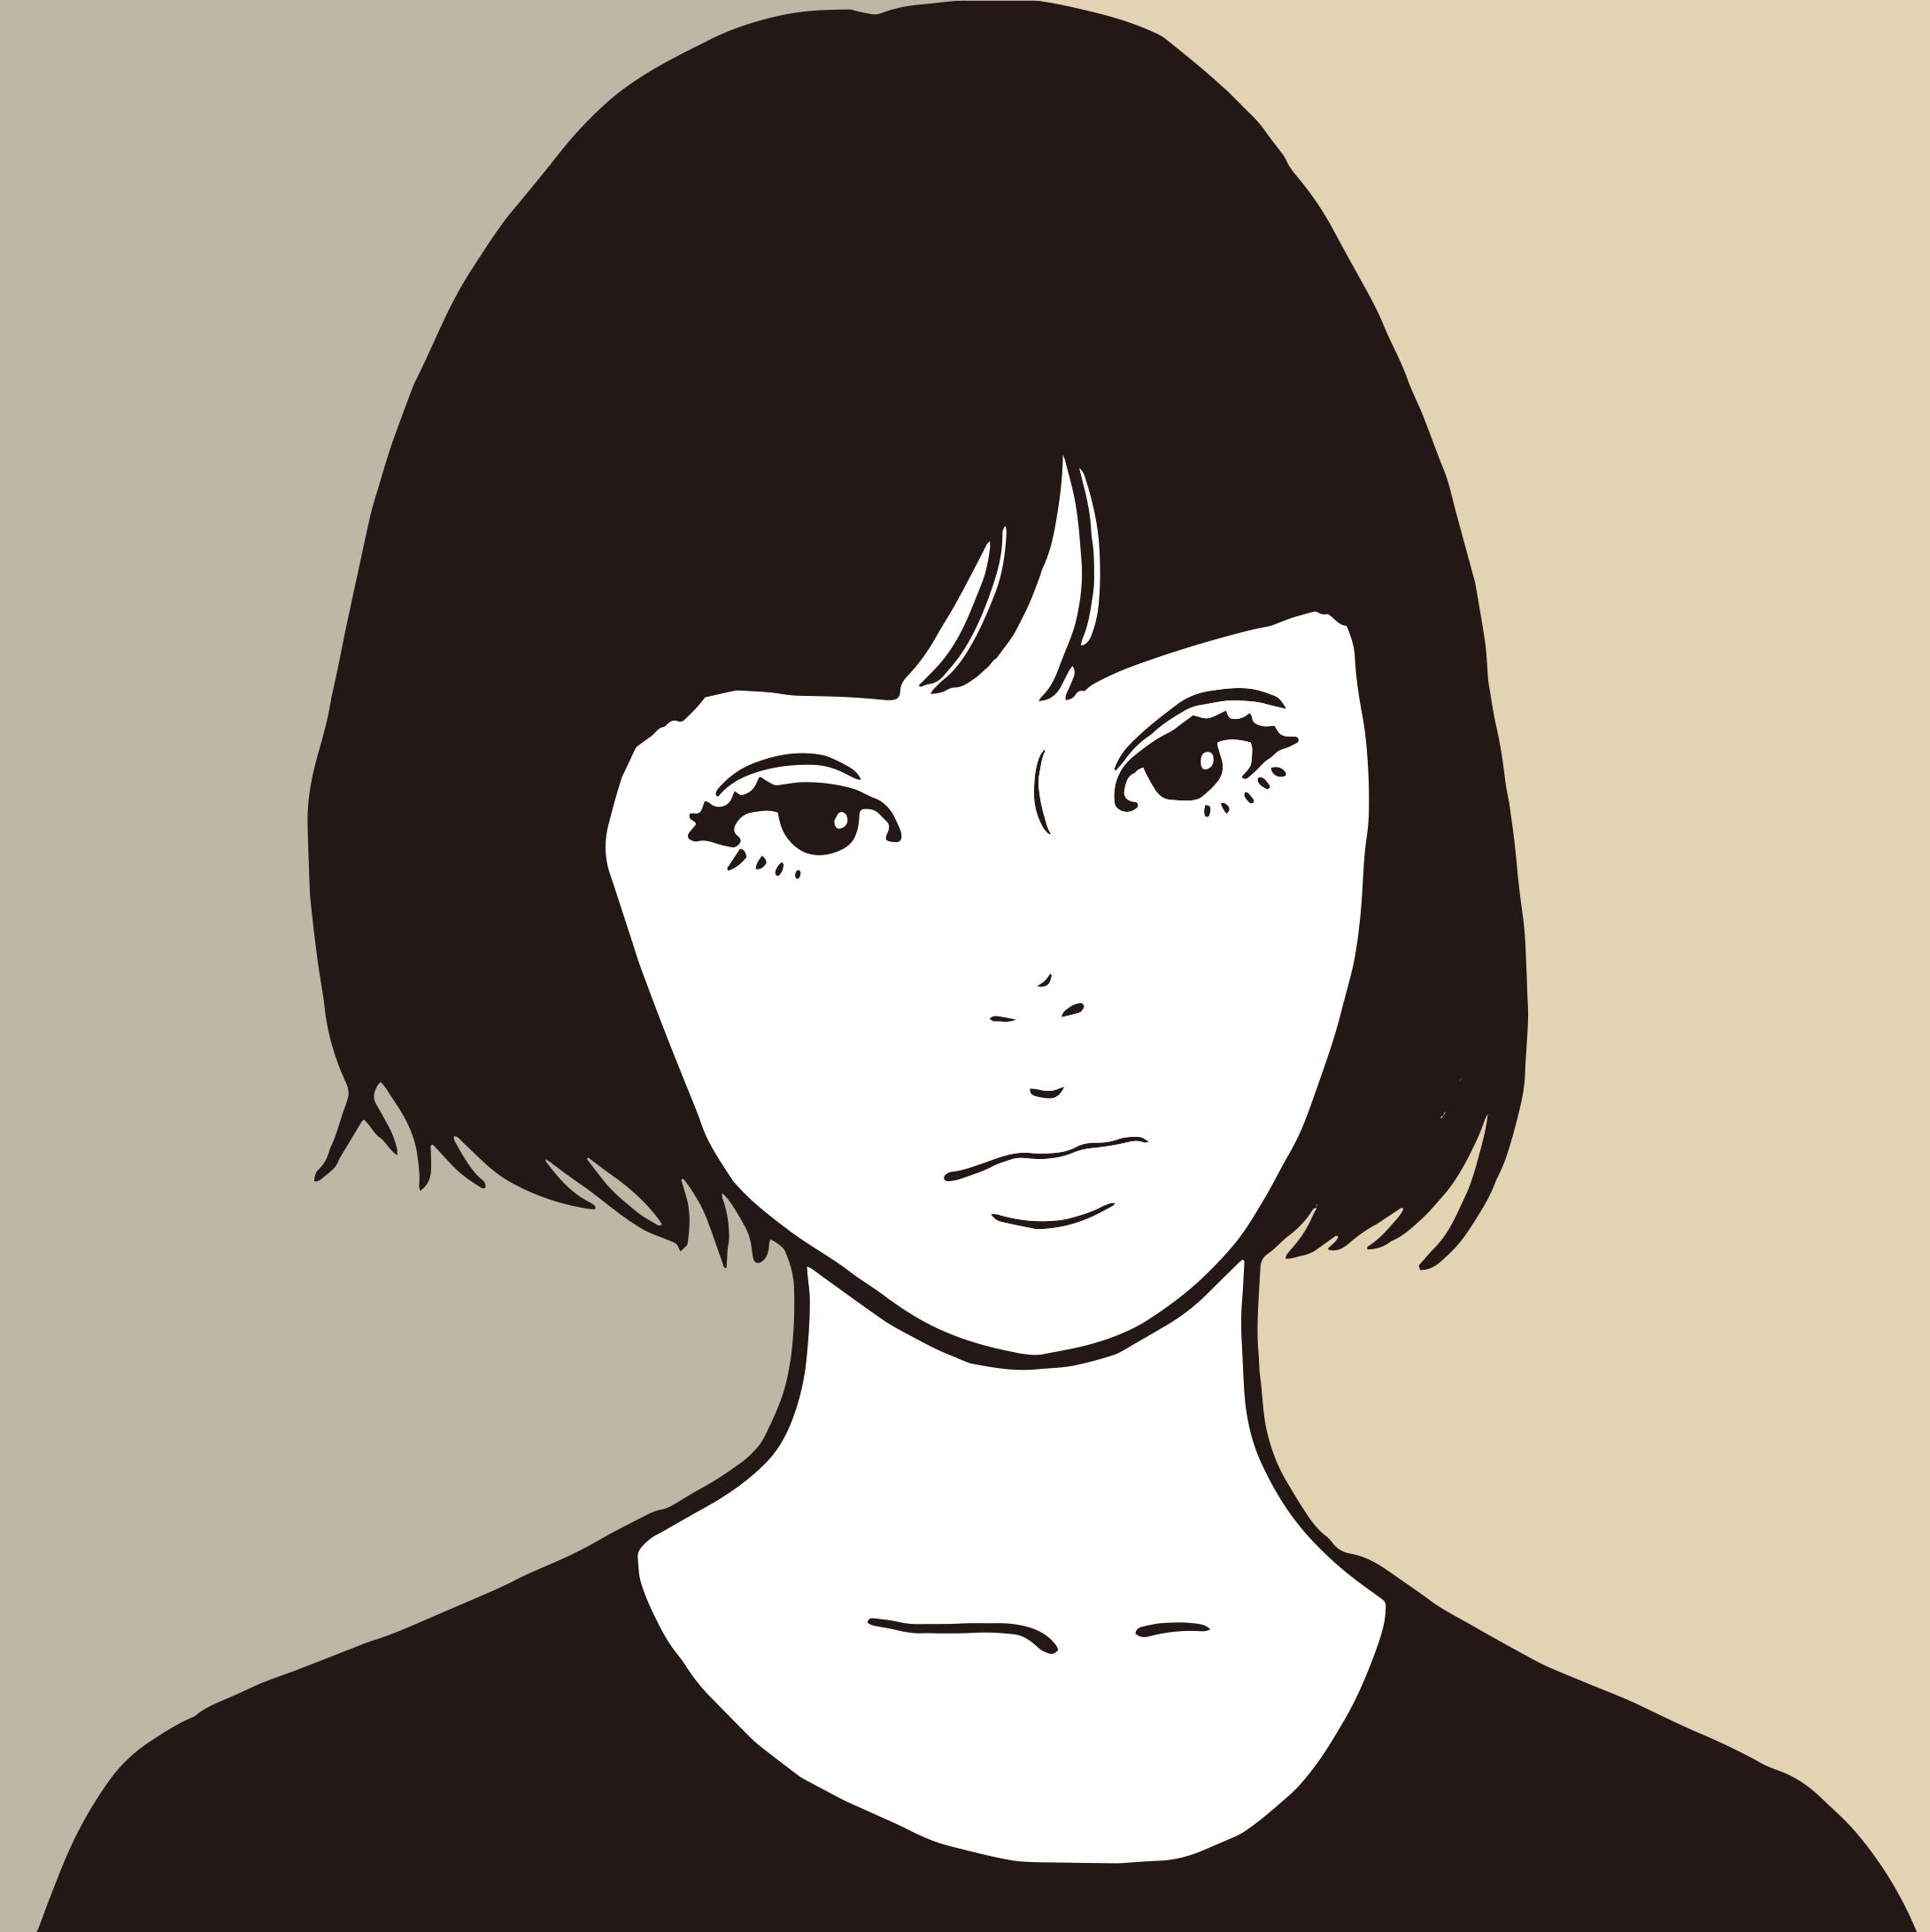 kyne_fukuoka_002